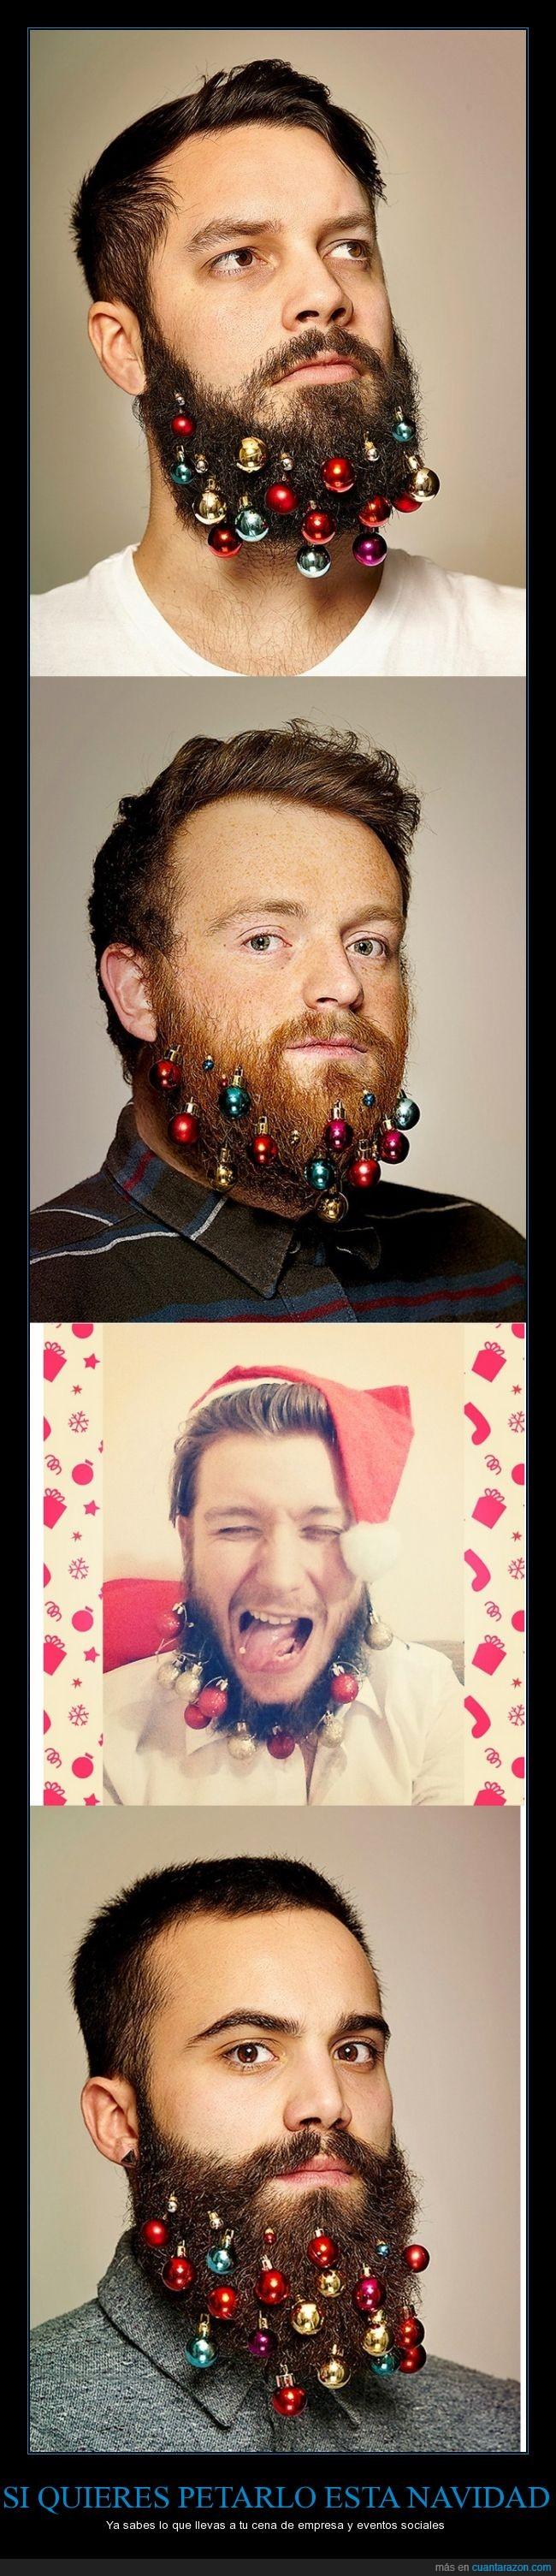 adorno,arbol,barbas,bolas,colgar,navideño